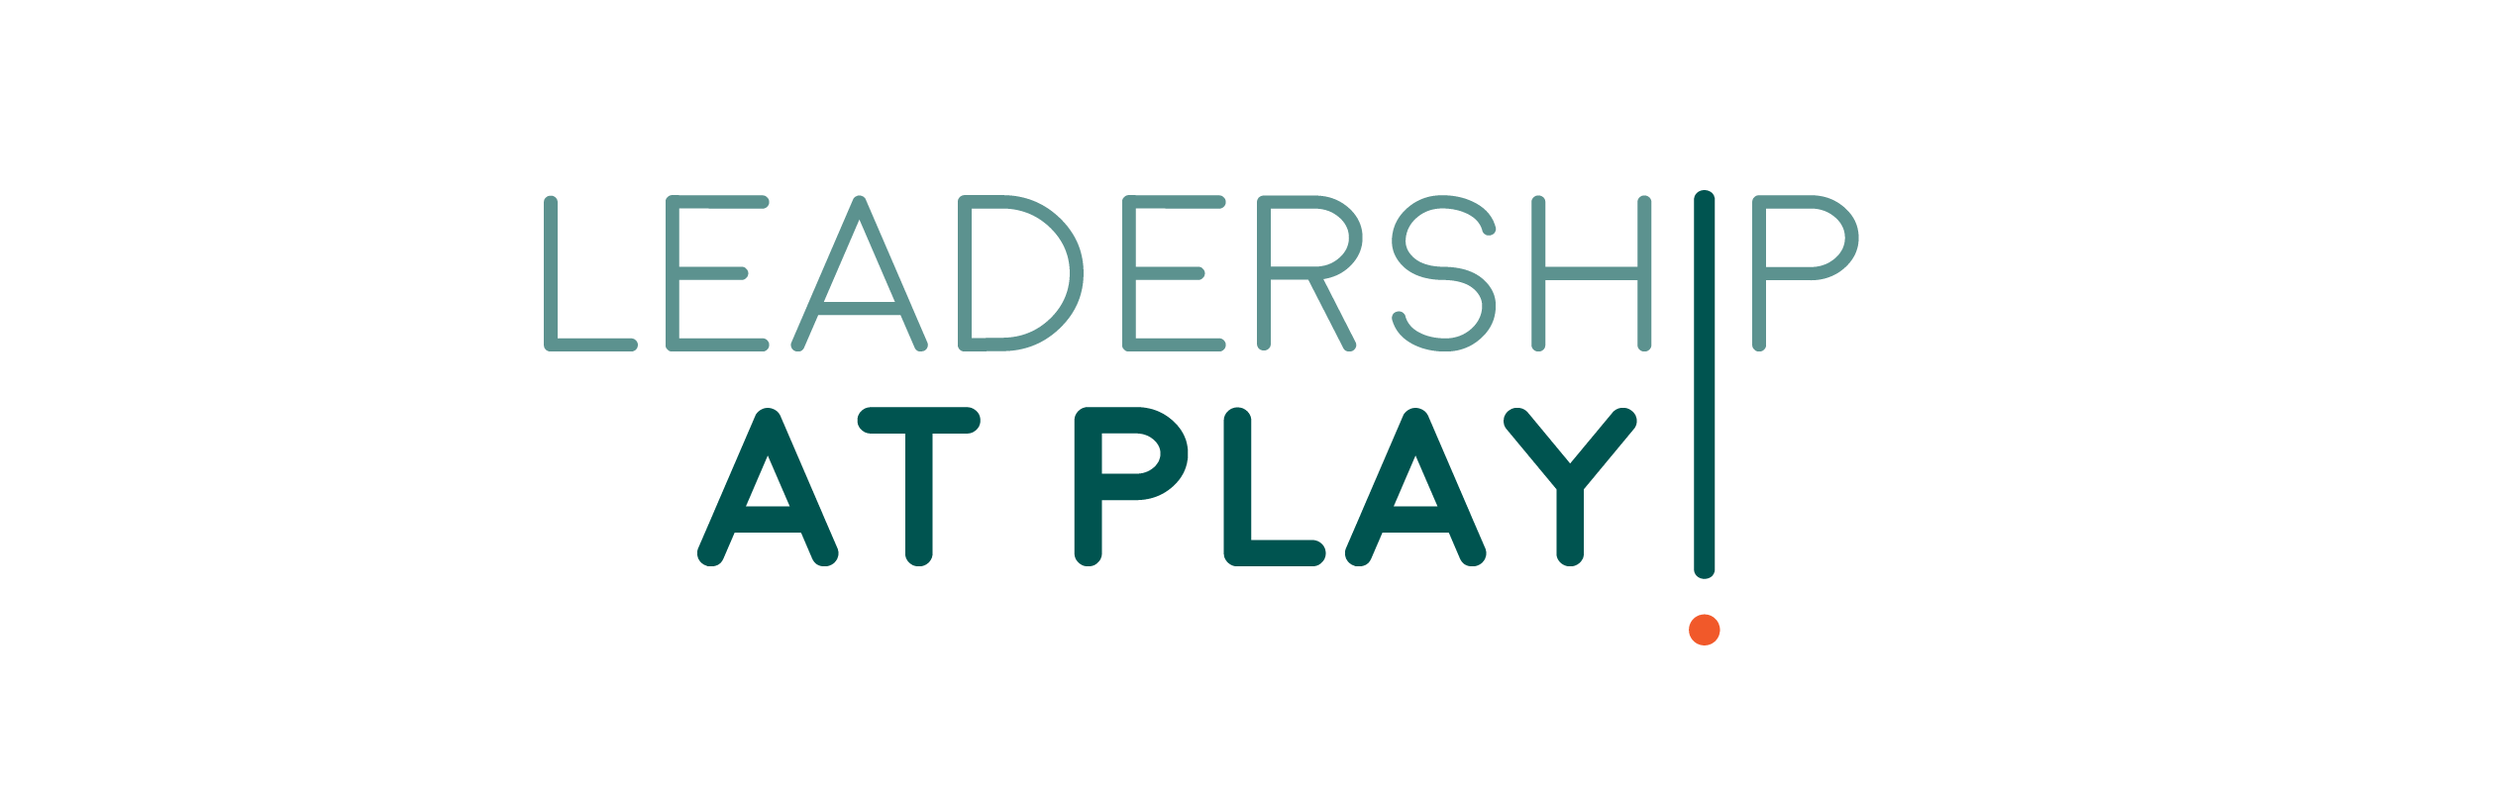 LeadershipATplay_exclamation 3.png